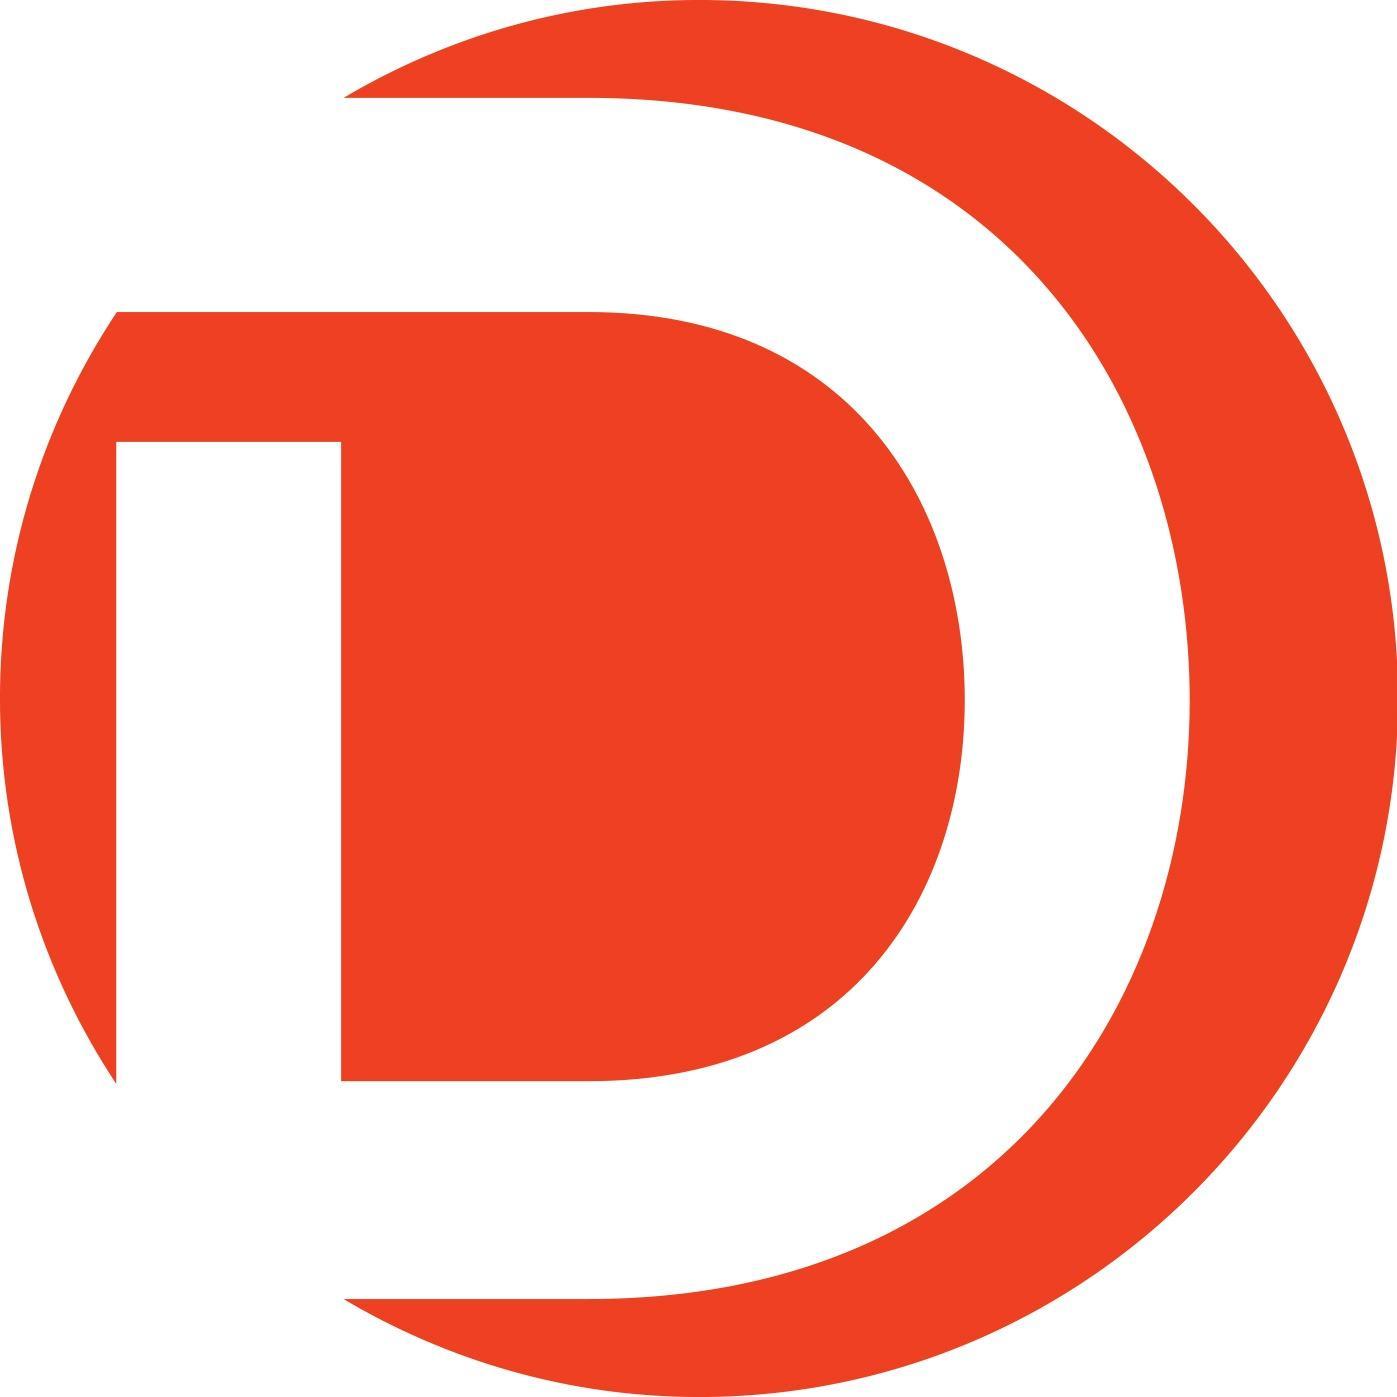 Dunckley Design LLC image 6